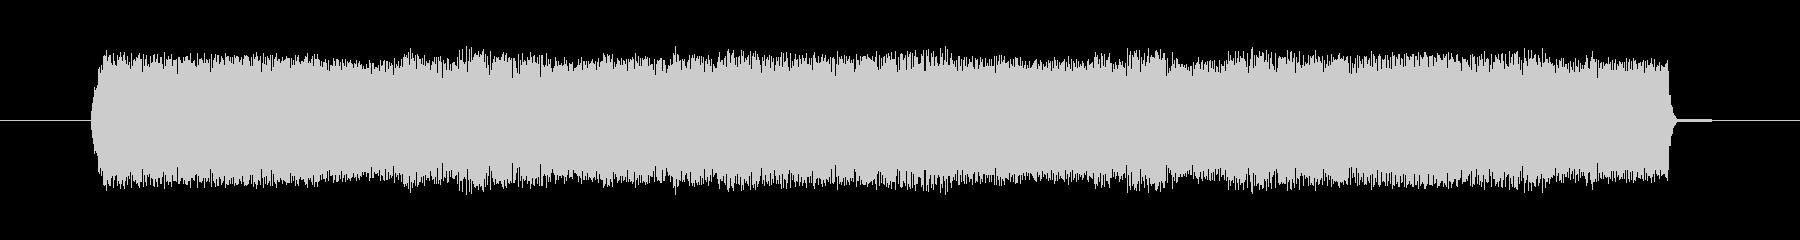 ゲーム アーケードレース03の未再生の波形